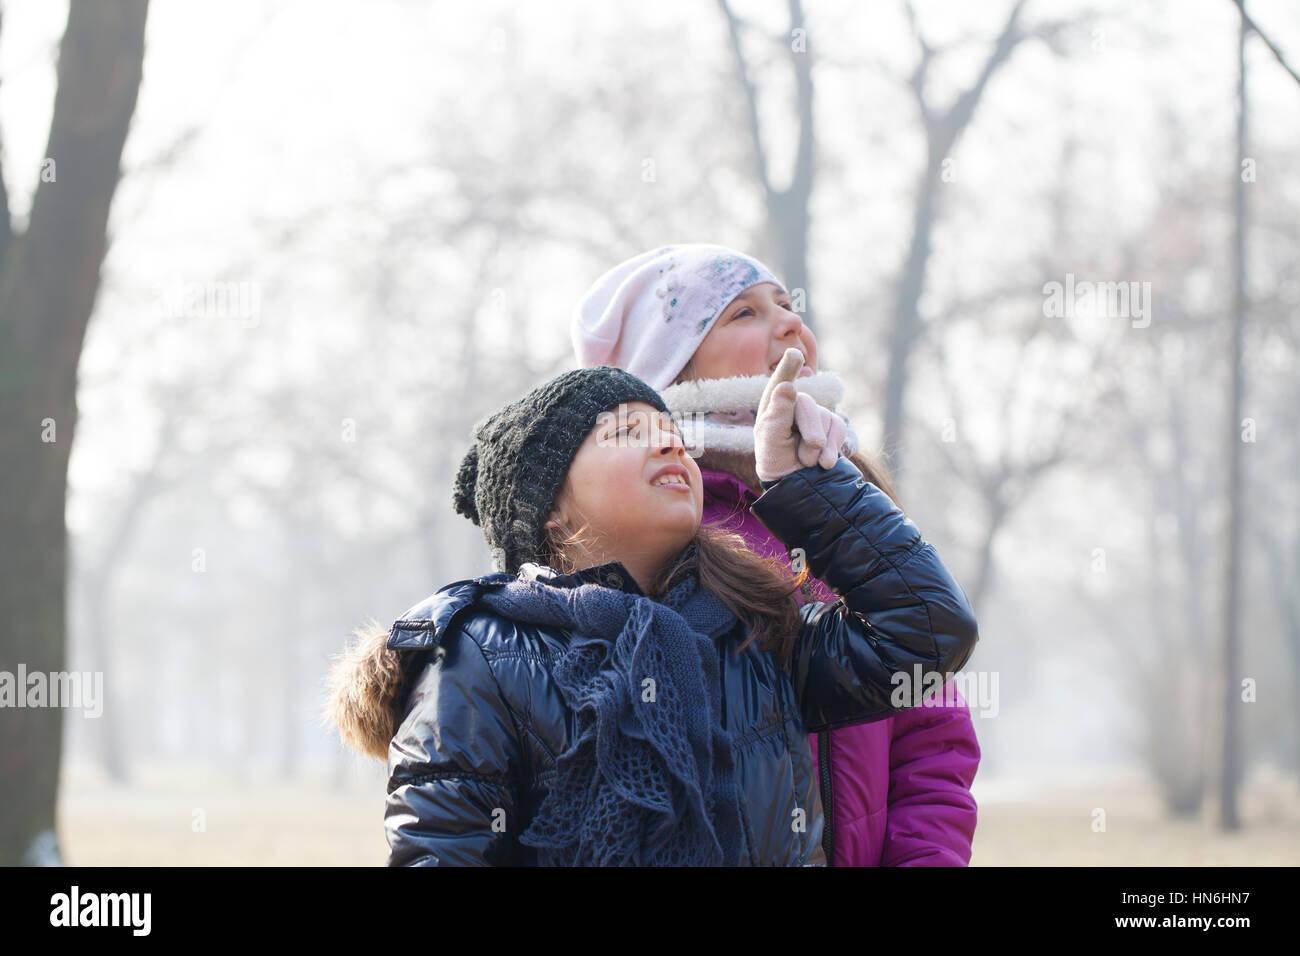 Deux petites filles, avec des plafonds et des foulards jouer, selective focus et petite profondeur de champ Photo Stock